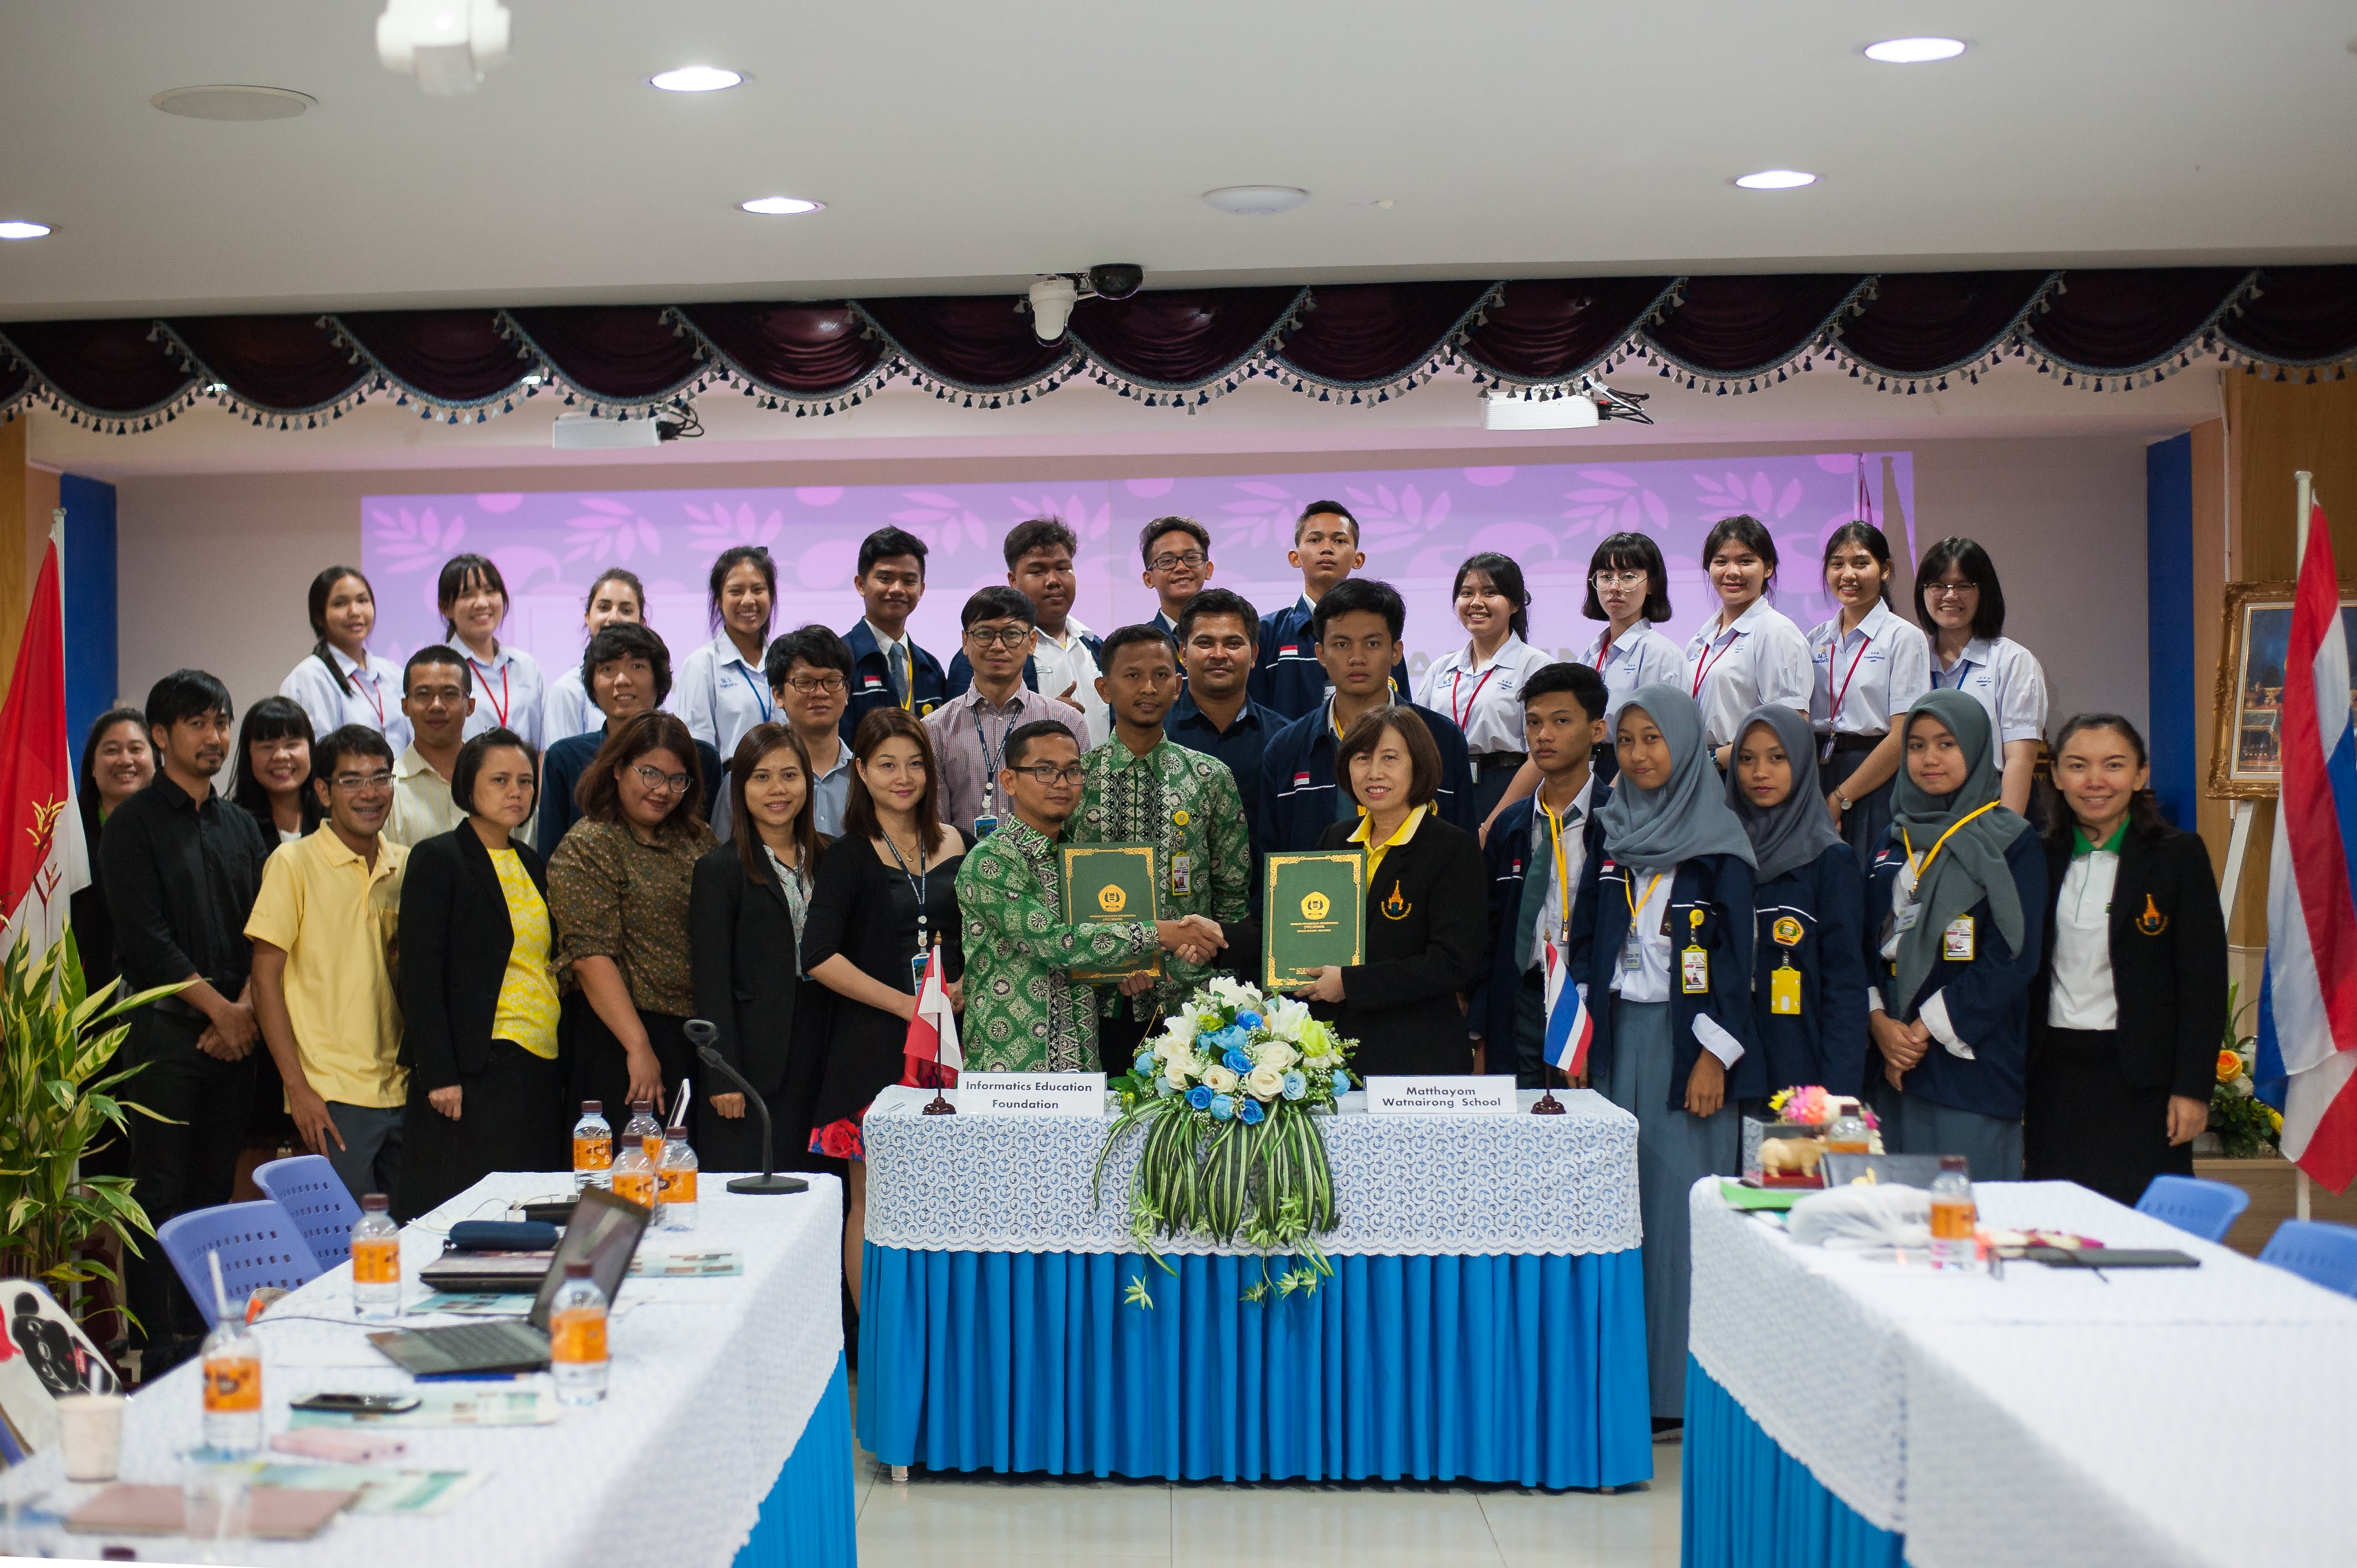 โรงเรียนมัธยมวัดนายโรงทำบันทึกข้อตกลงร่วมกับ Yayasan Pendidikan Informatika Serang  ประเทศอินโดนีเซีย